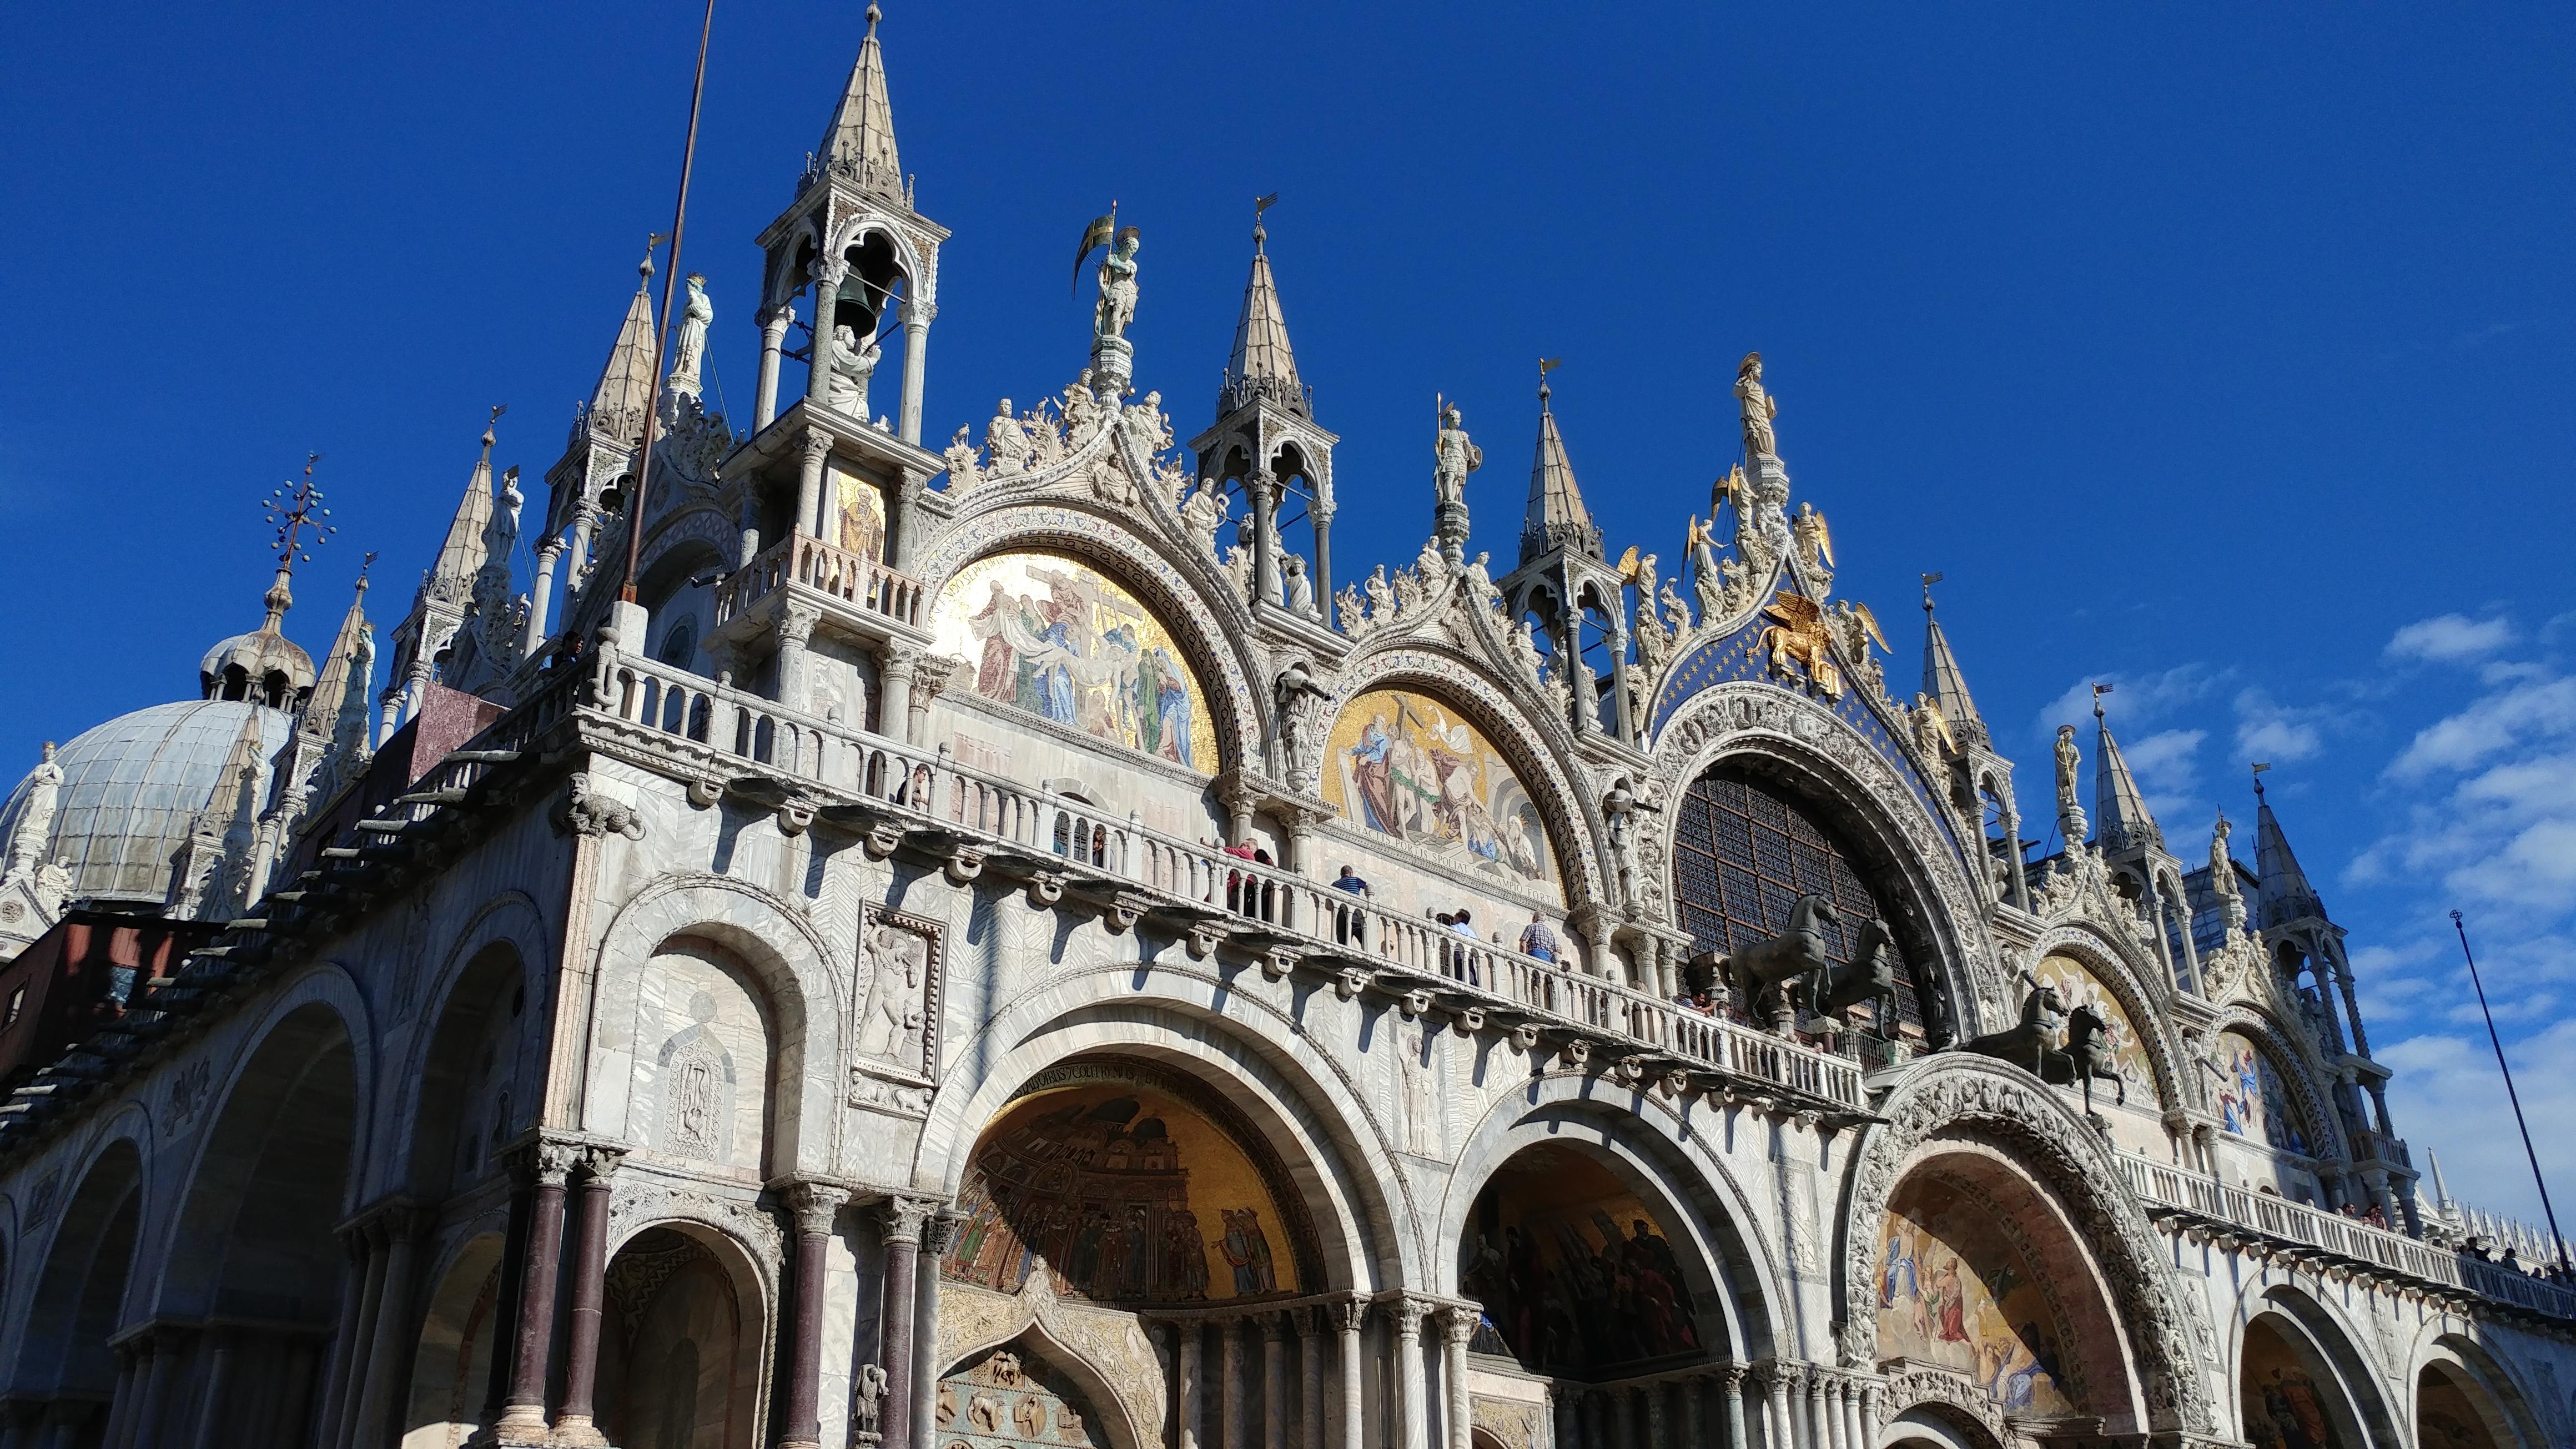 Basilique Saint-Marc Venise Europe Italie voyage destination paysage gondole bateau canaux